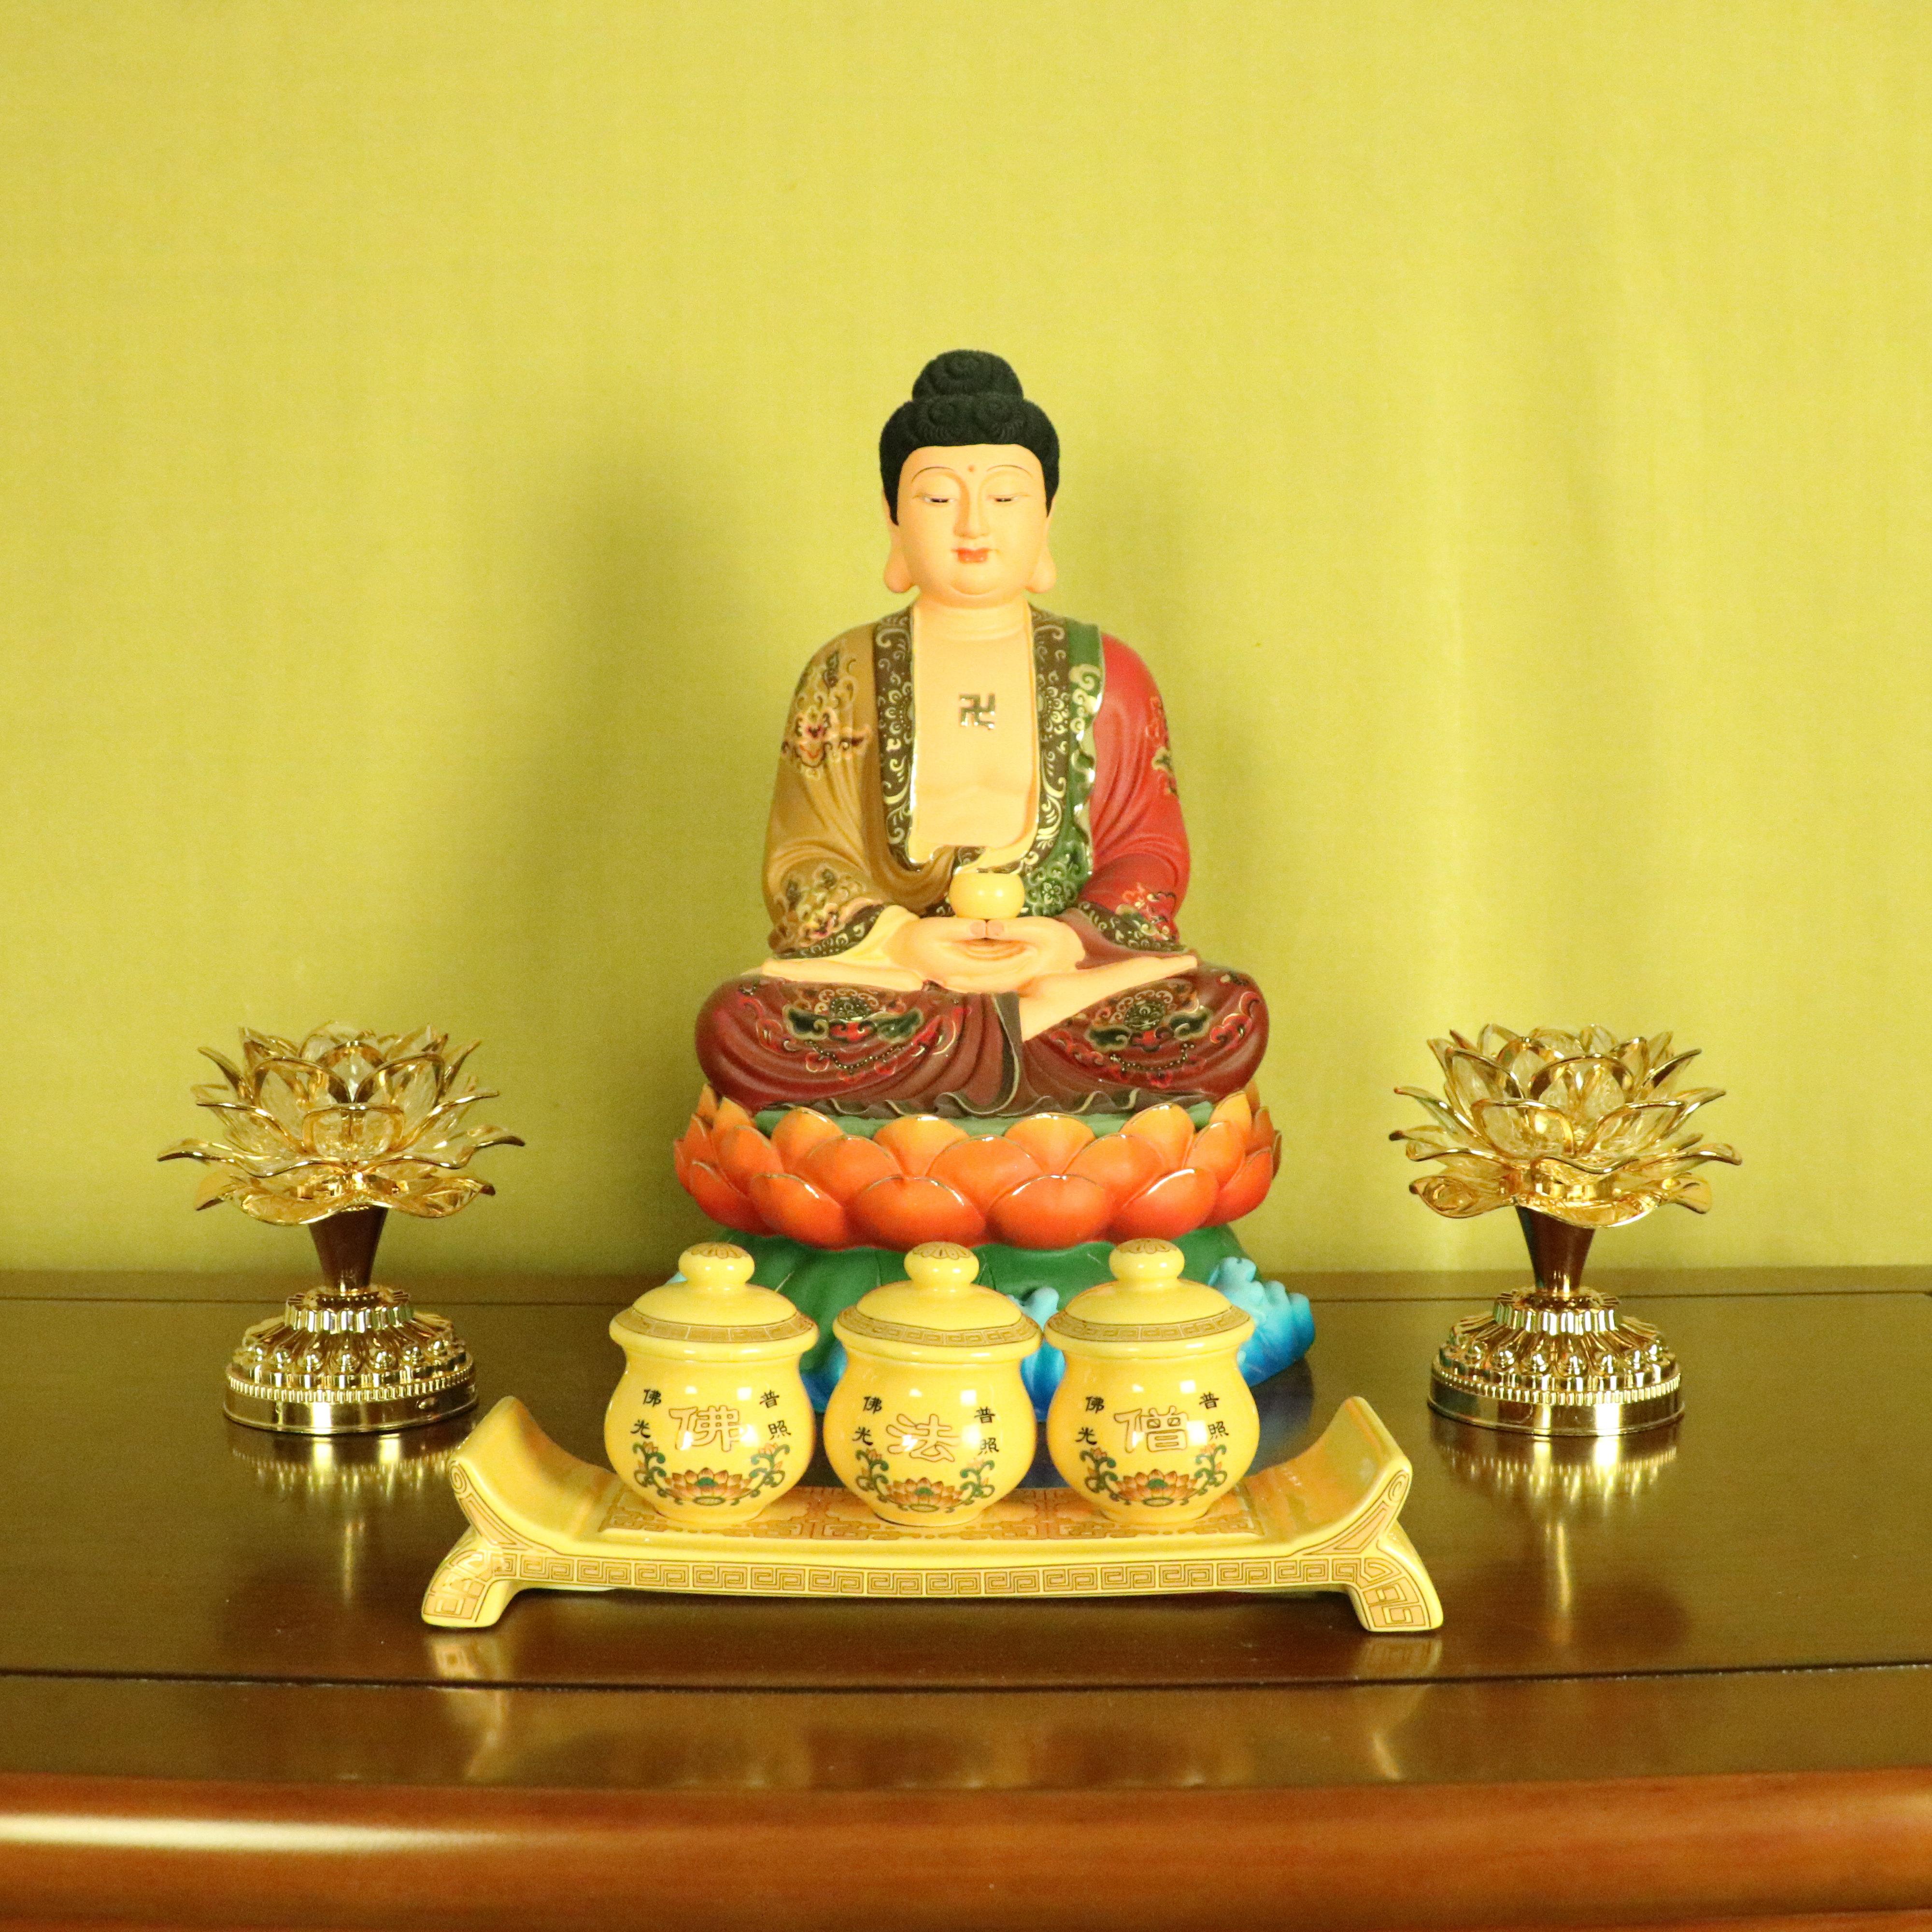 12寸開光樹脂彩繪大日如來佛祖佛像供奉擺件釋迦牟尼佛家用客廳裝飾品